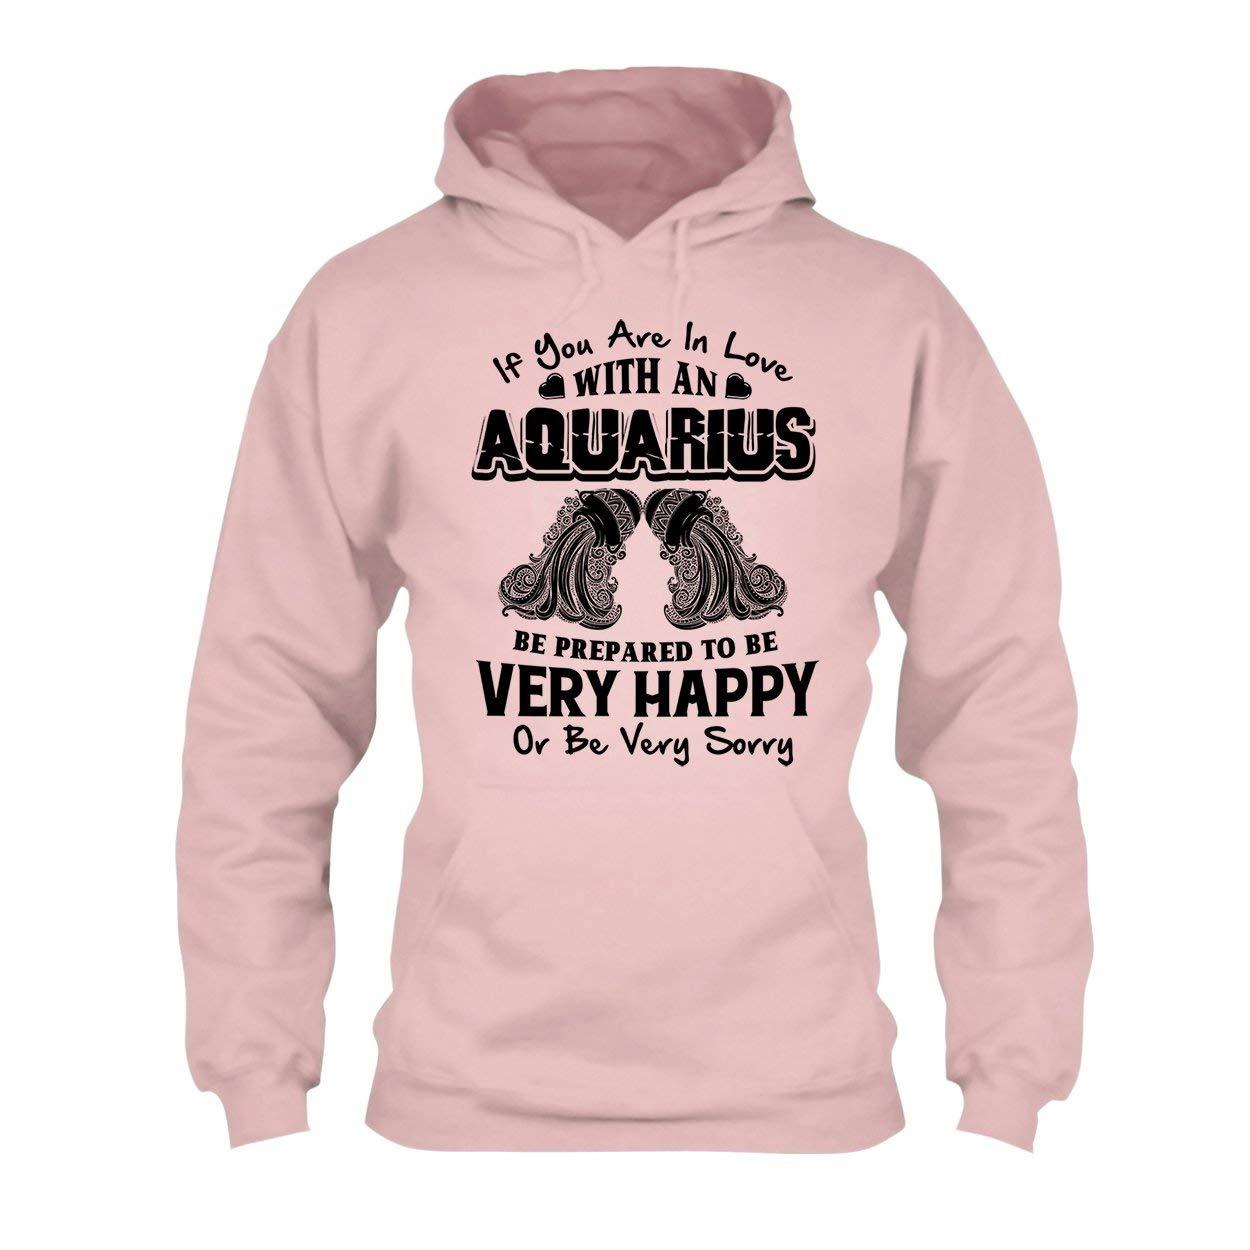 in Love with an Aquarius Tee Shirt Hoodie Cool Sweatshirt